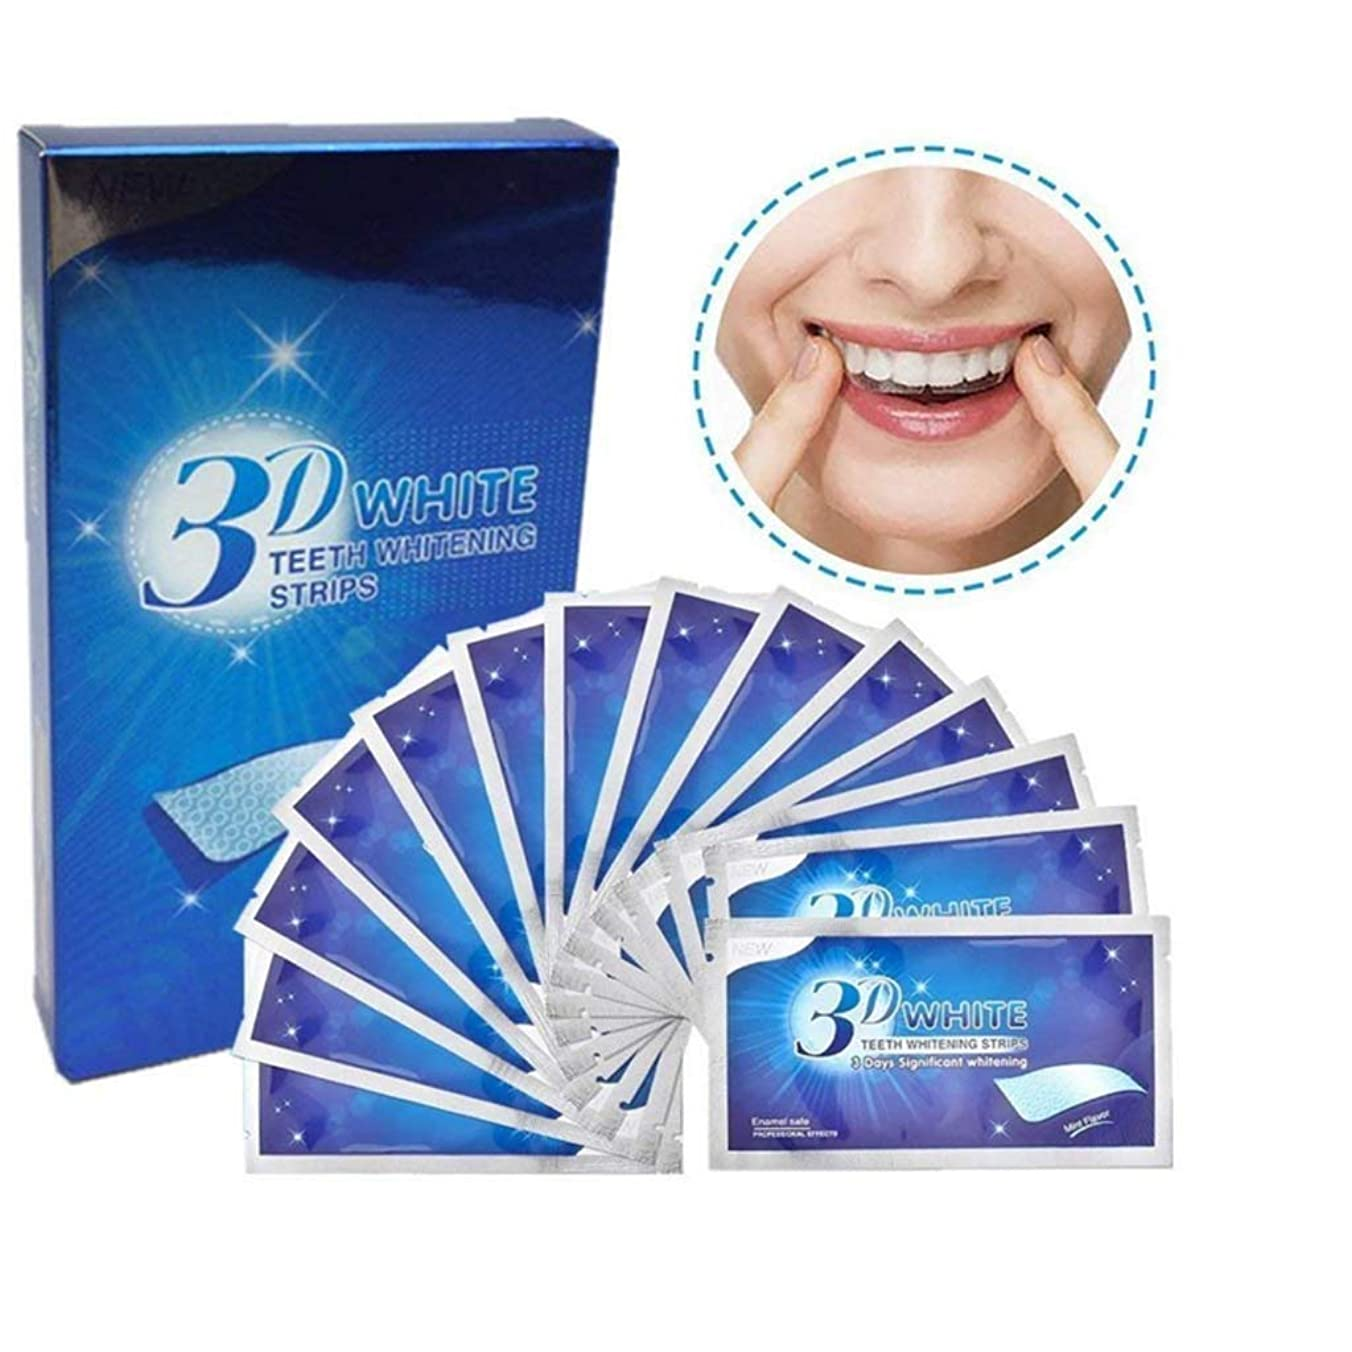 いうモッキンバードモード歯 美白 ホワイトニング マニキュア 歯ケア 歯のホワイトニング 美白歯磨き 歯を白 ホワイトニングテープ 歯を漂白 14枚